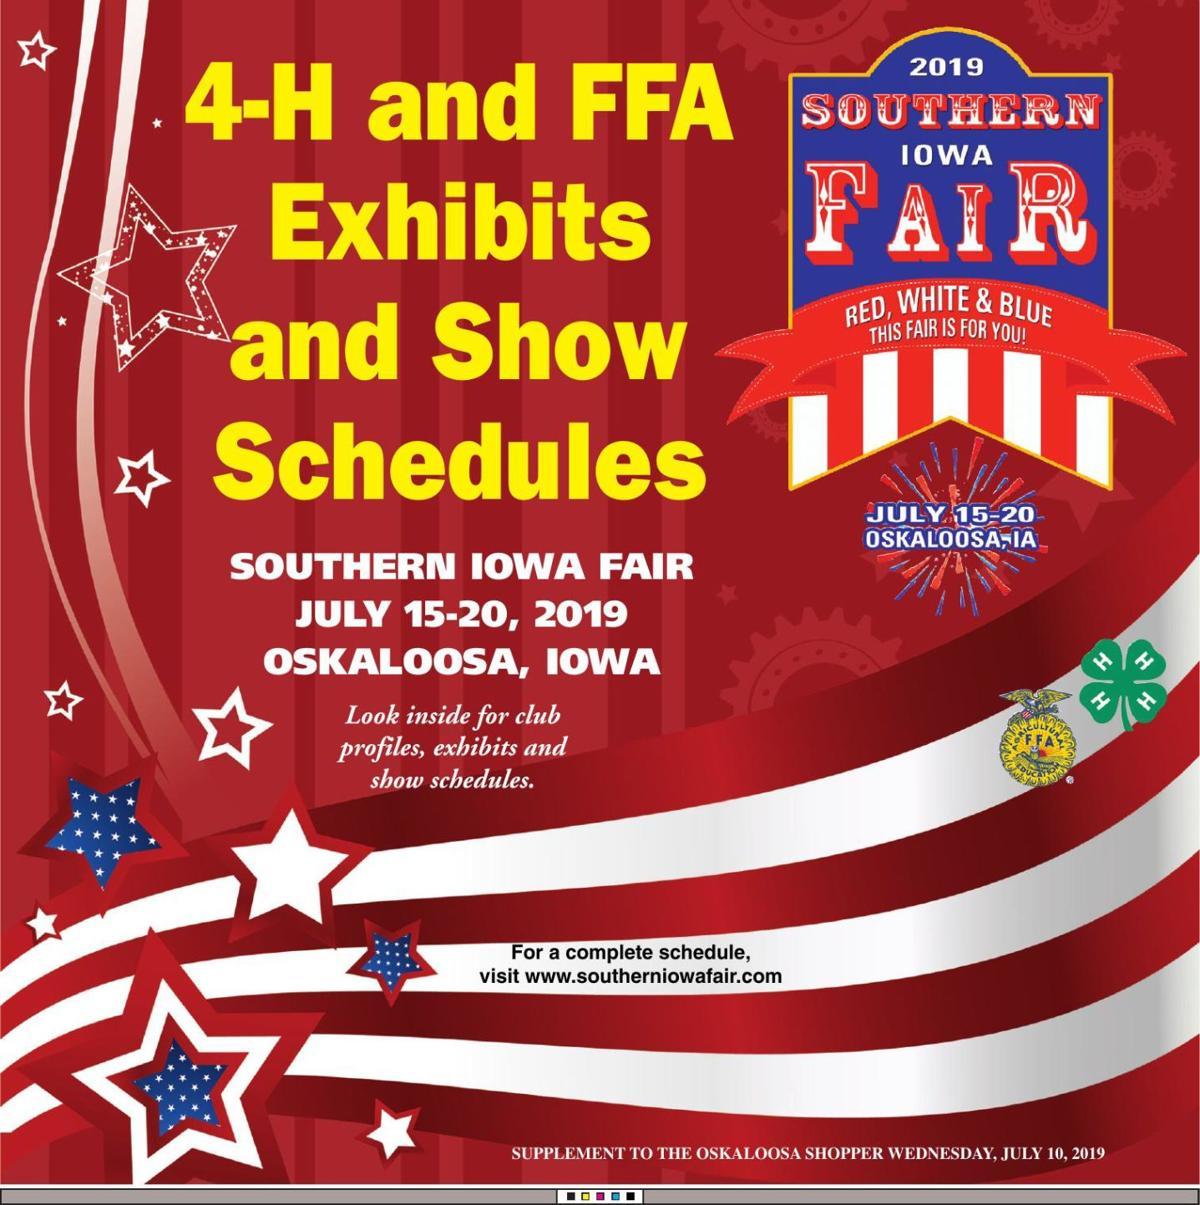 Southern Iowa Fair Preview 2019